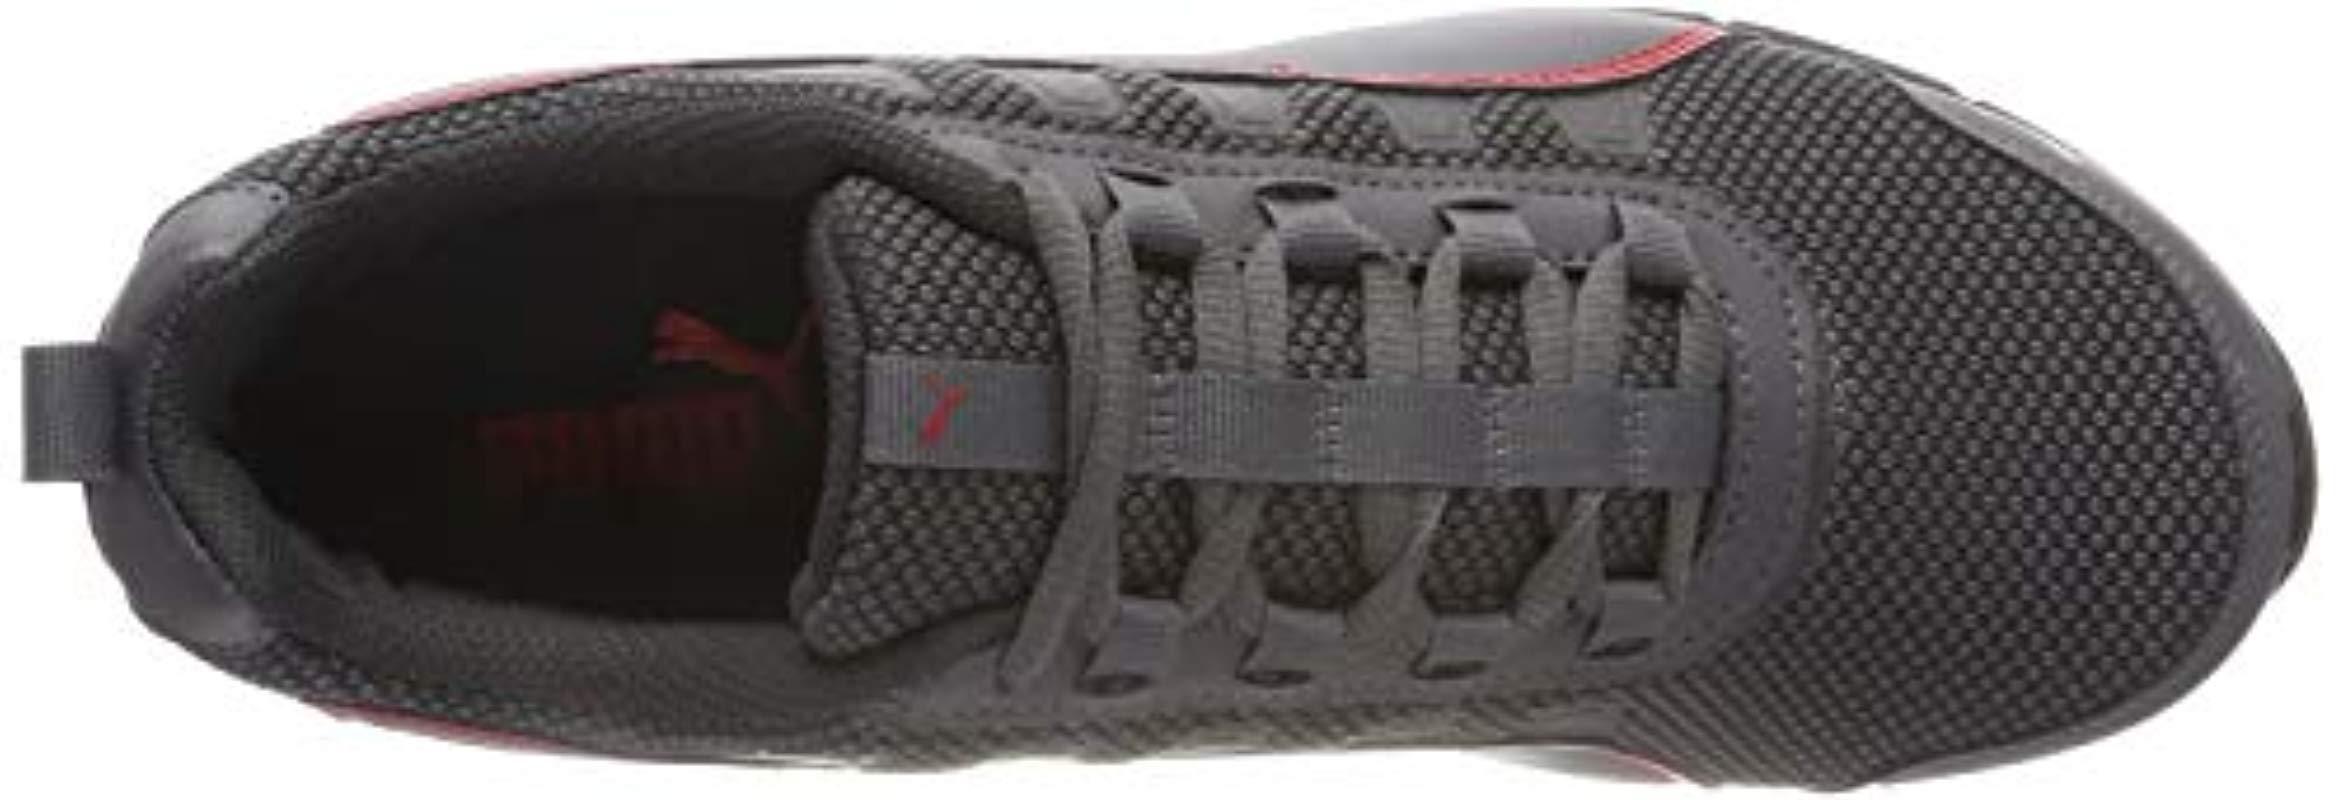 Shoes Puma Nm Unisex Lyst For Men Training Adults' Vt Leader dYnYIraR